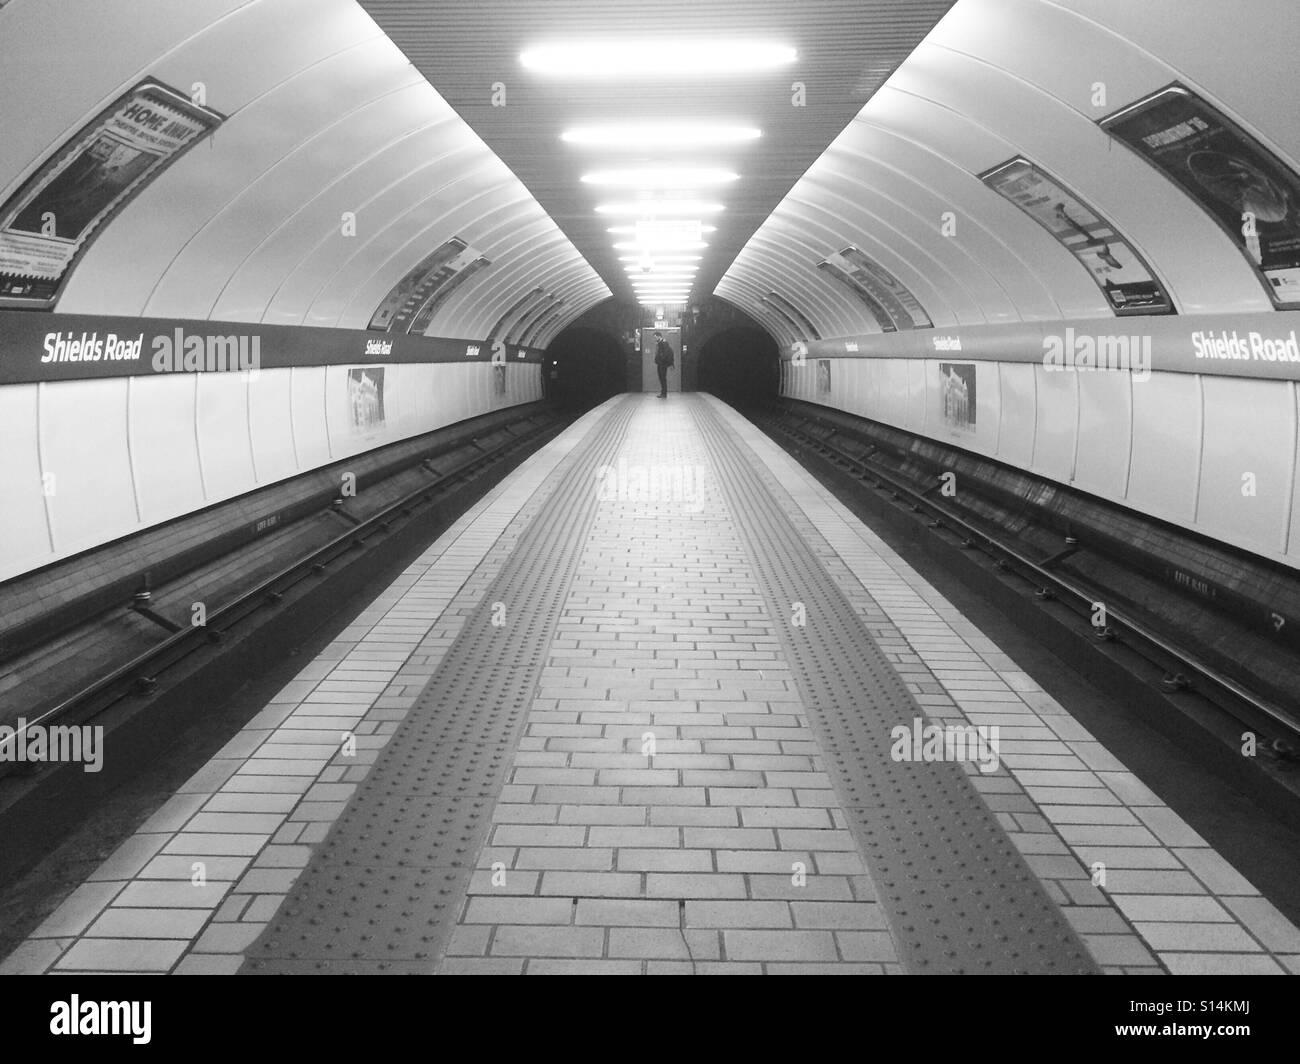 Glasgow Subway! - Stock Image